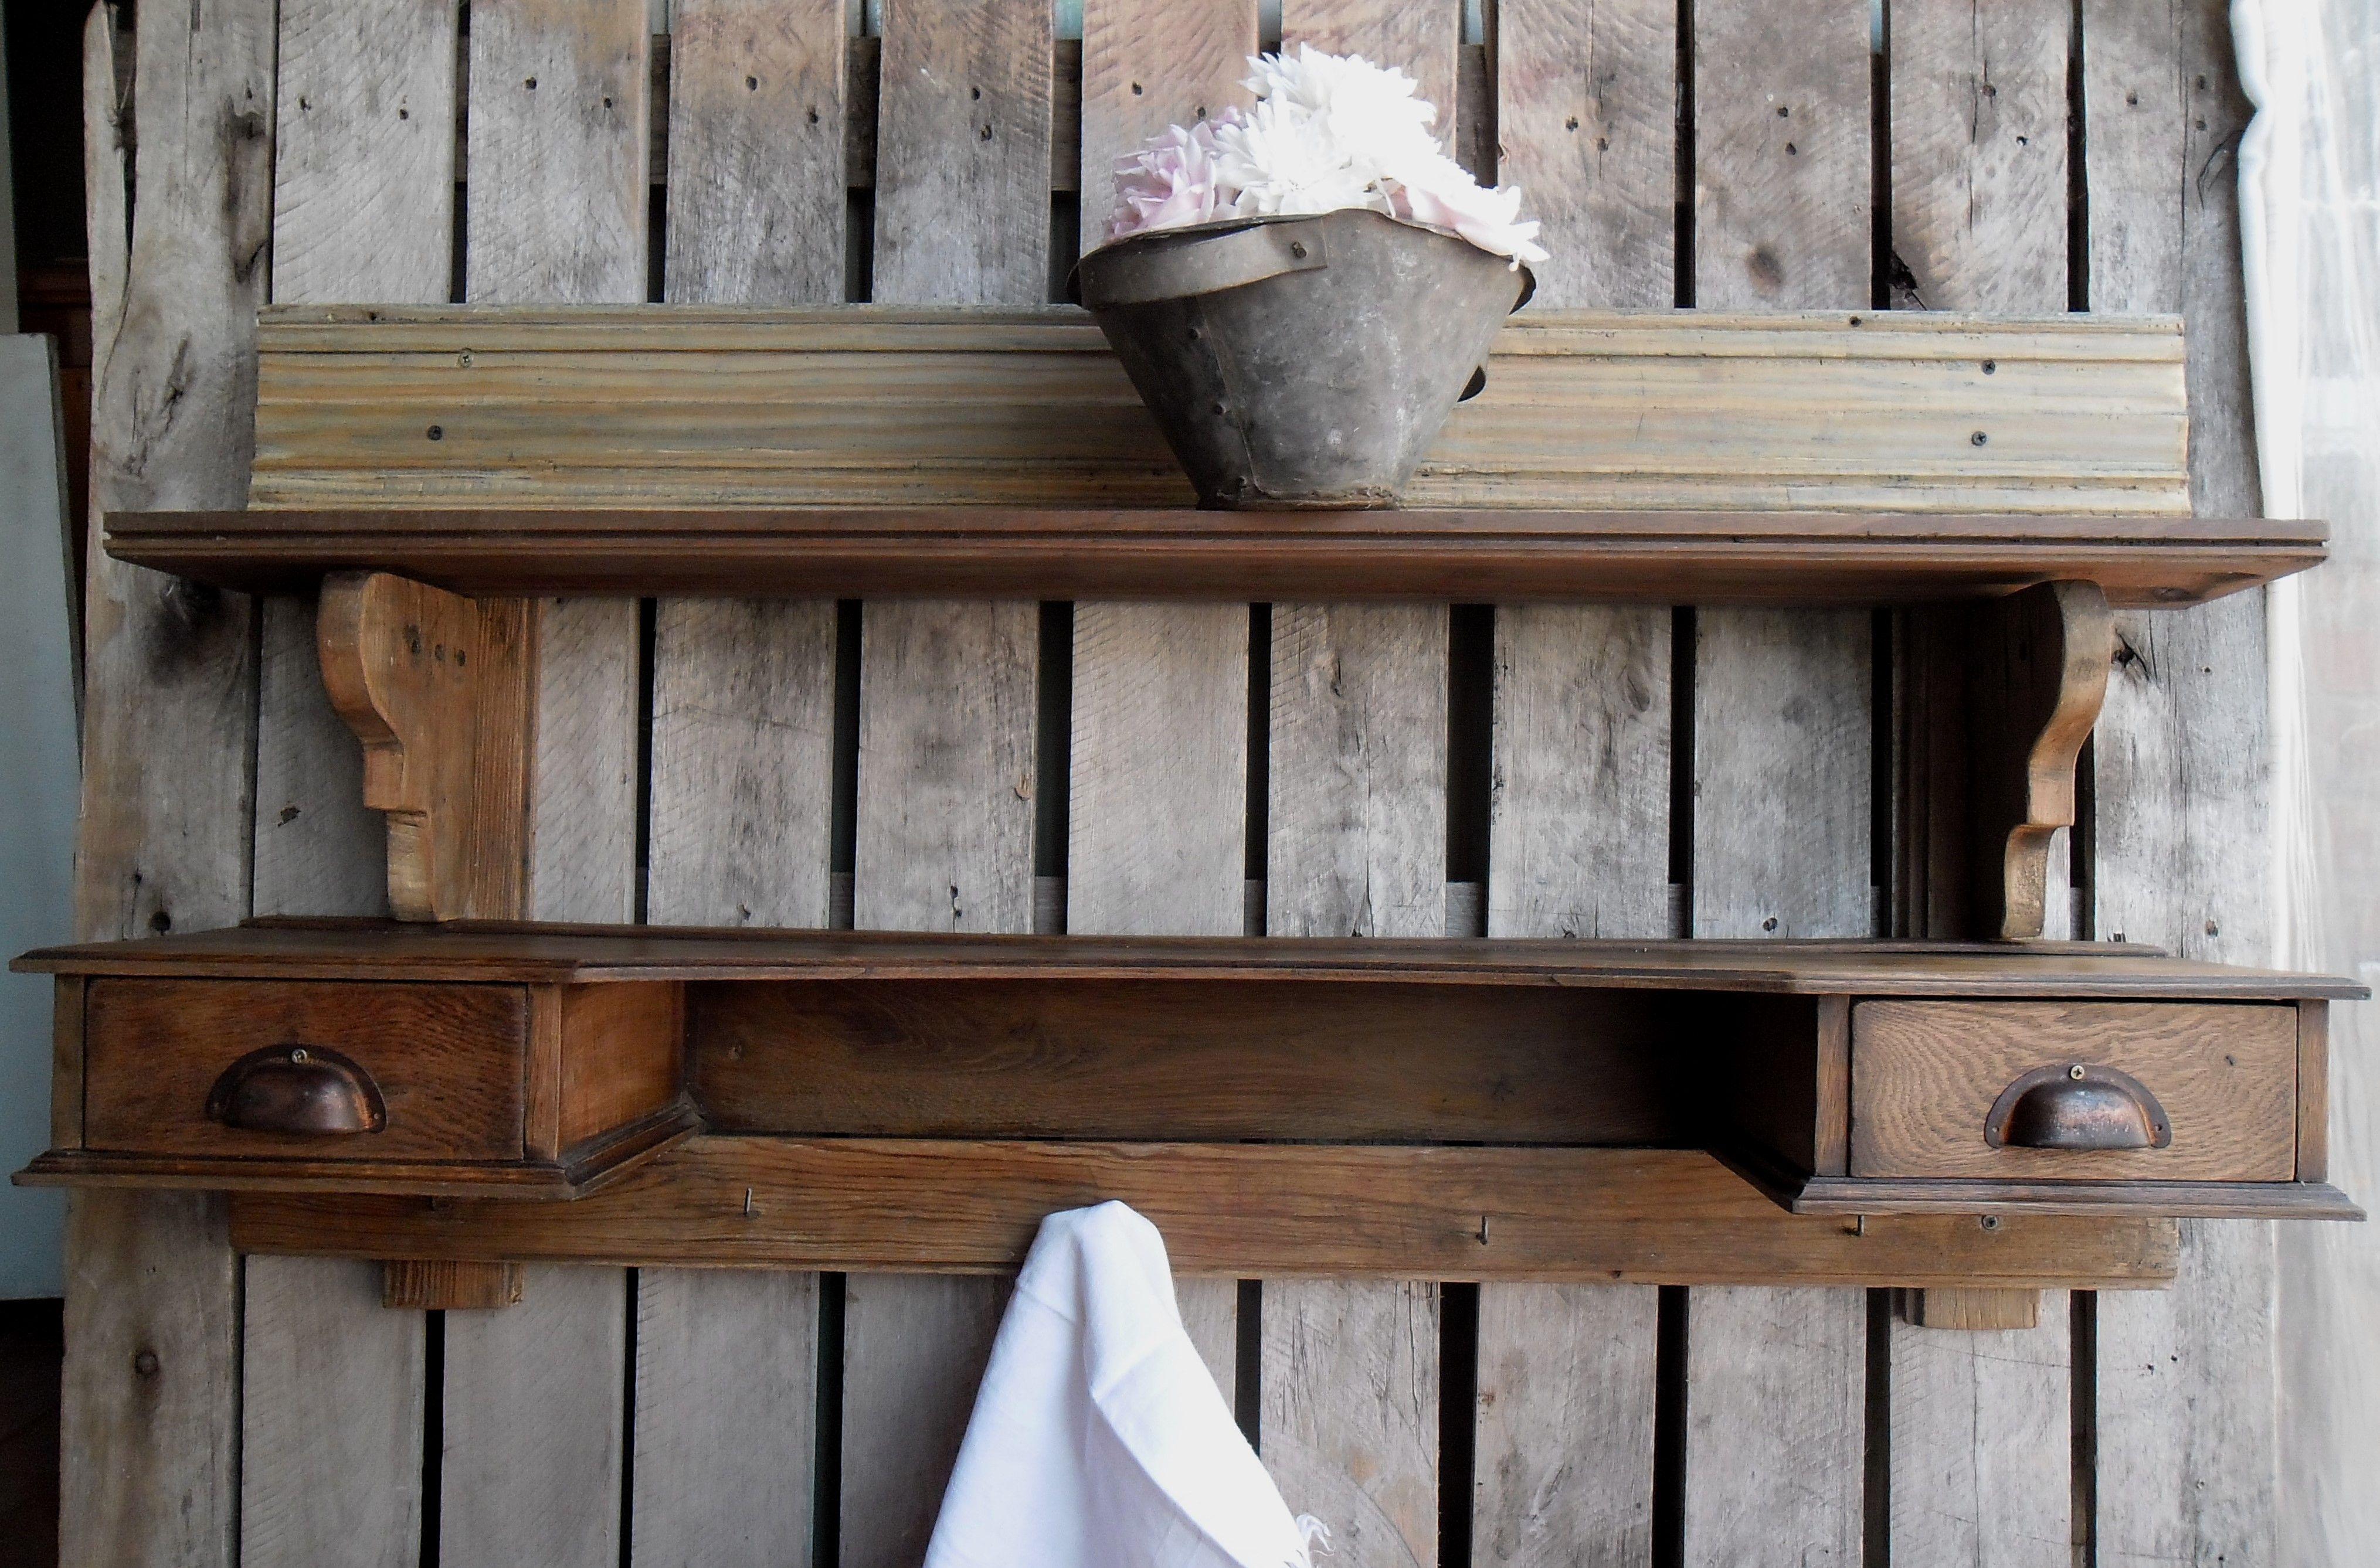 Repisa con maderas de demolición + alzada de mueble. https://www.facebook.com/nada.sepierde.5